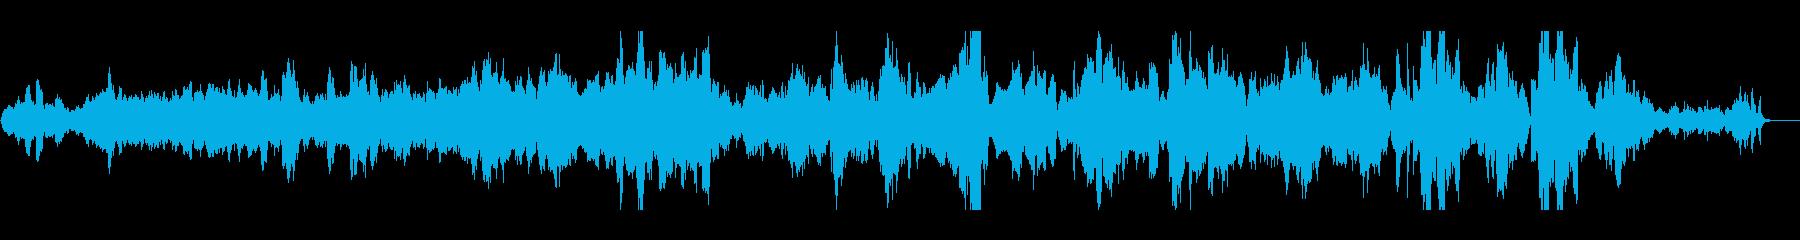 チャーンオルガン。ライブ録音。の再生済みの波形